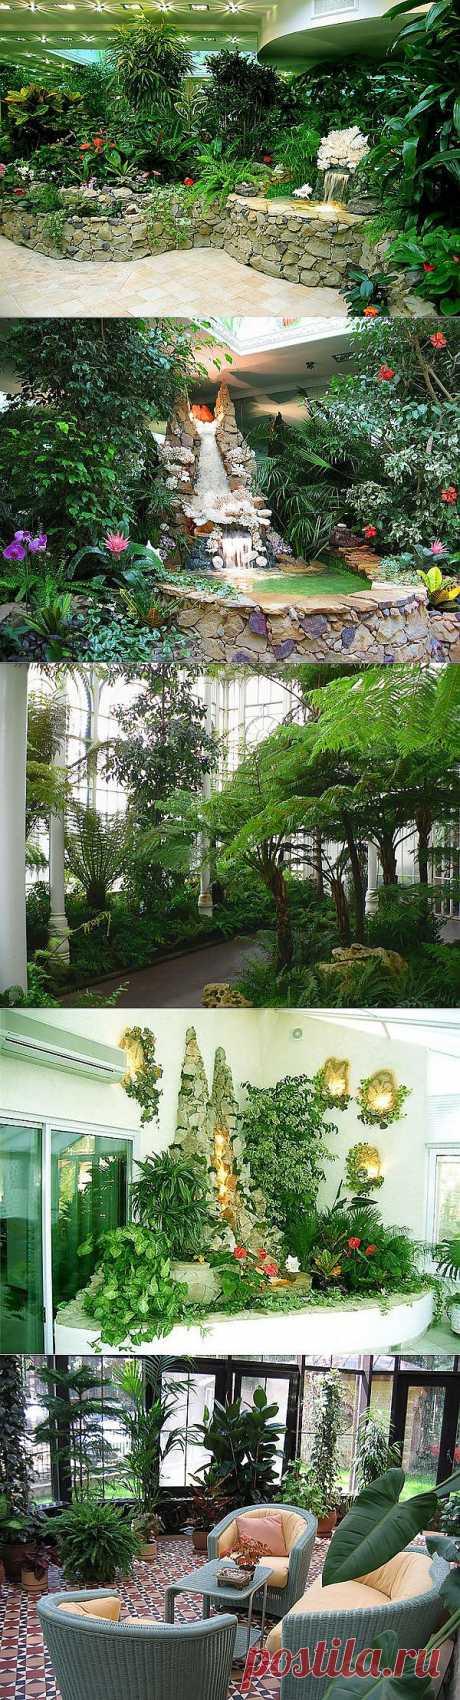 Замечательные зимние сады, как кусочек оазиса дома. Обсуждение на LiveInt | postila.ru/post/category/shopping